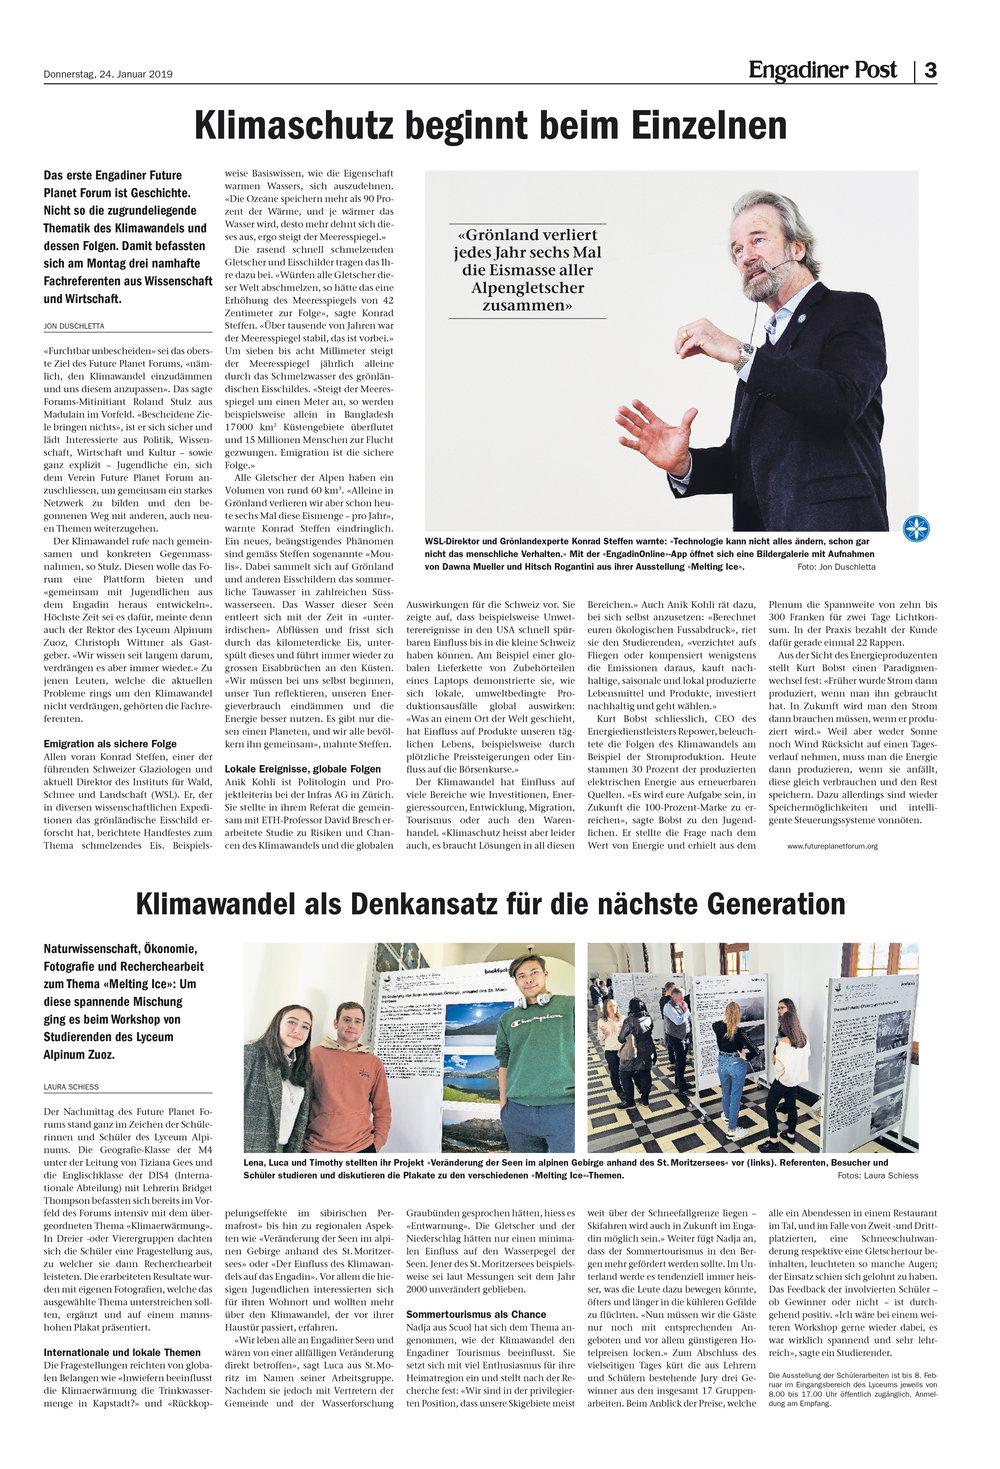 EP-010_2019-FuturePlanetForum_Referate_Schuelerarbeiten.jpg